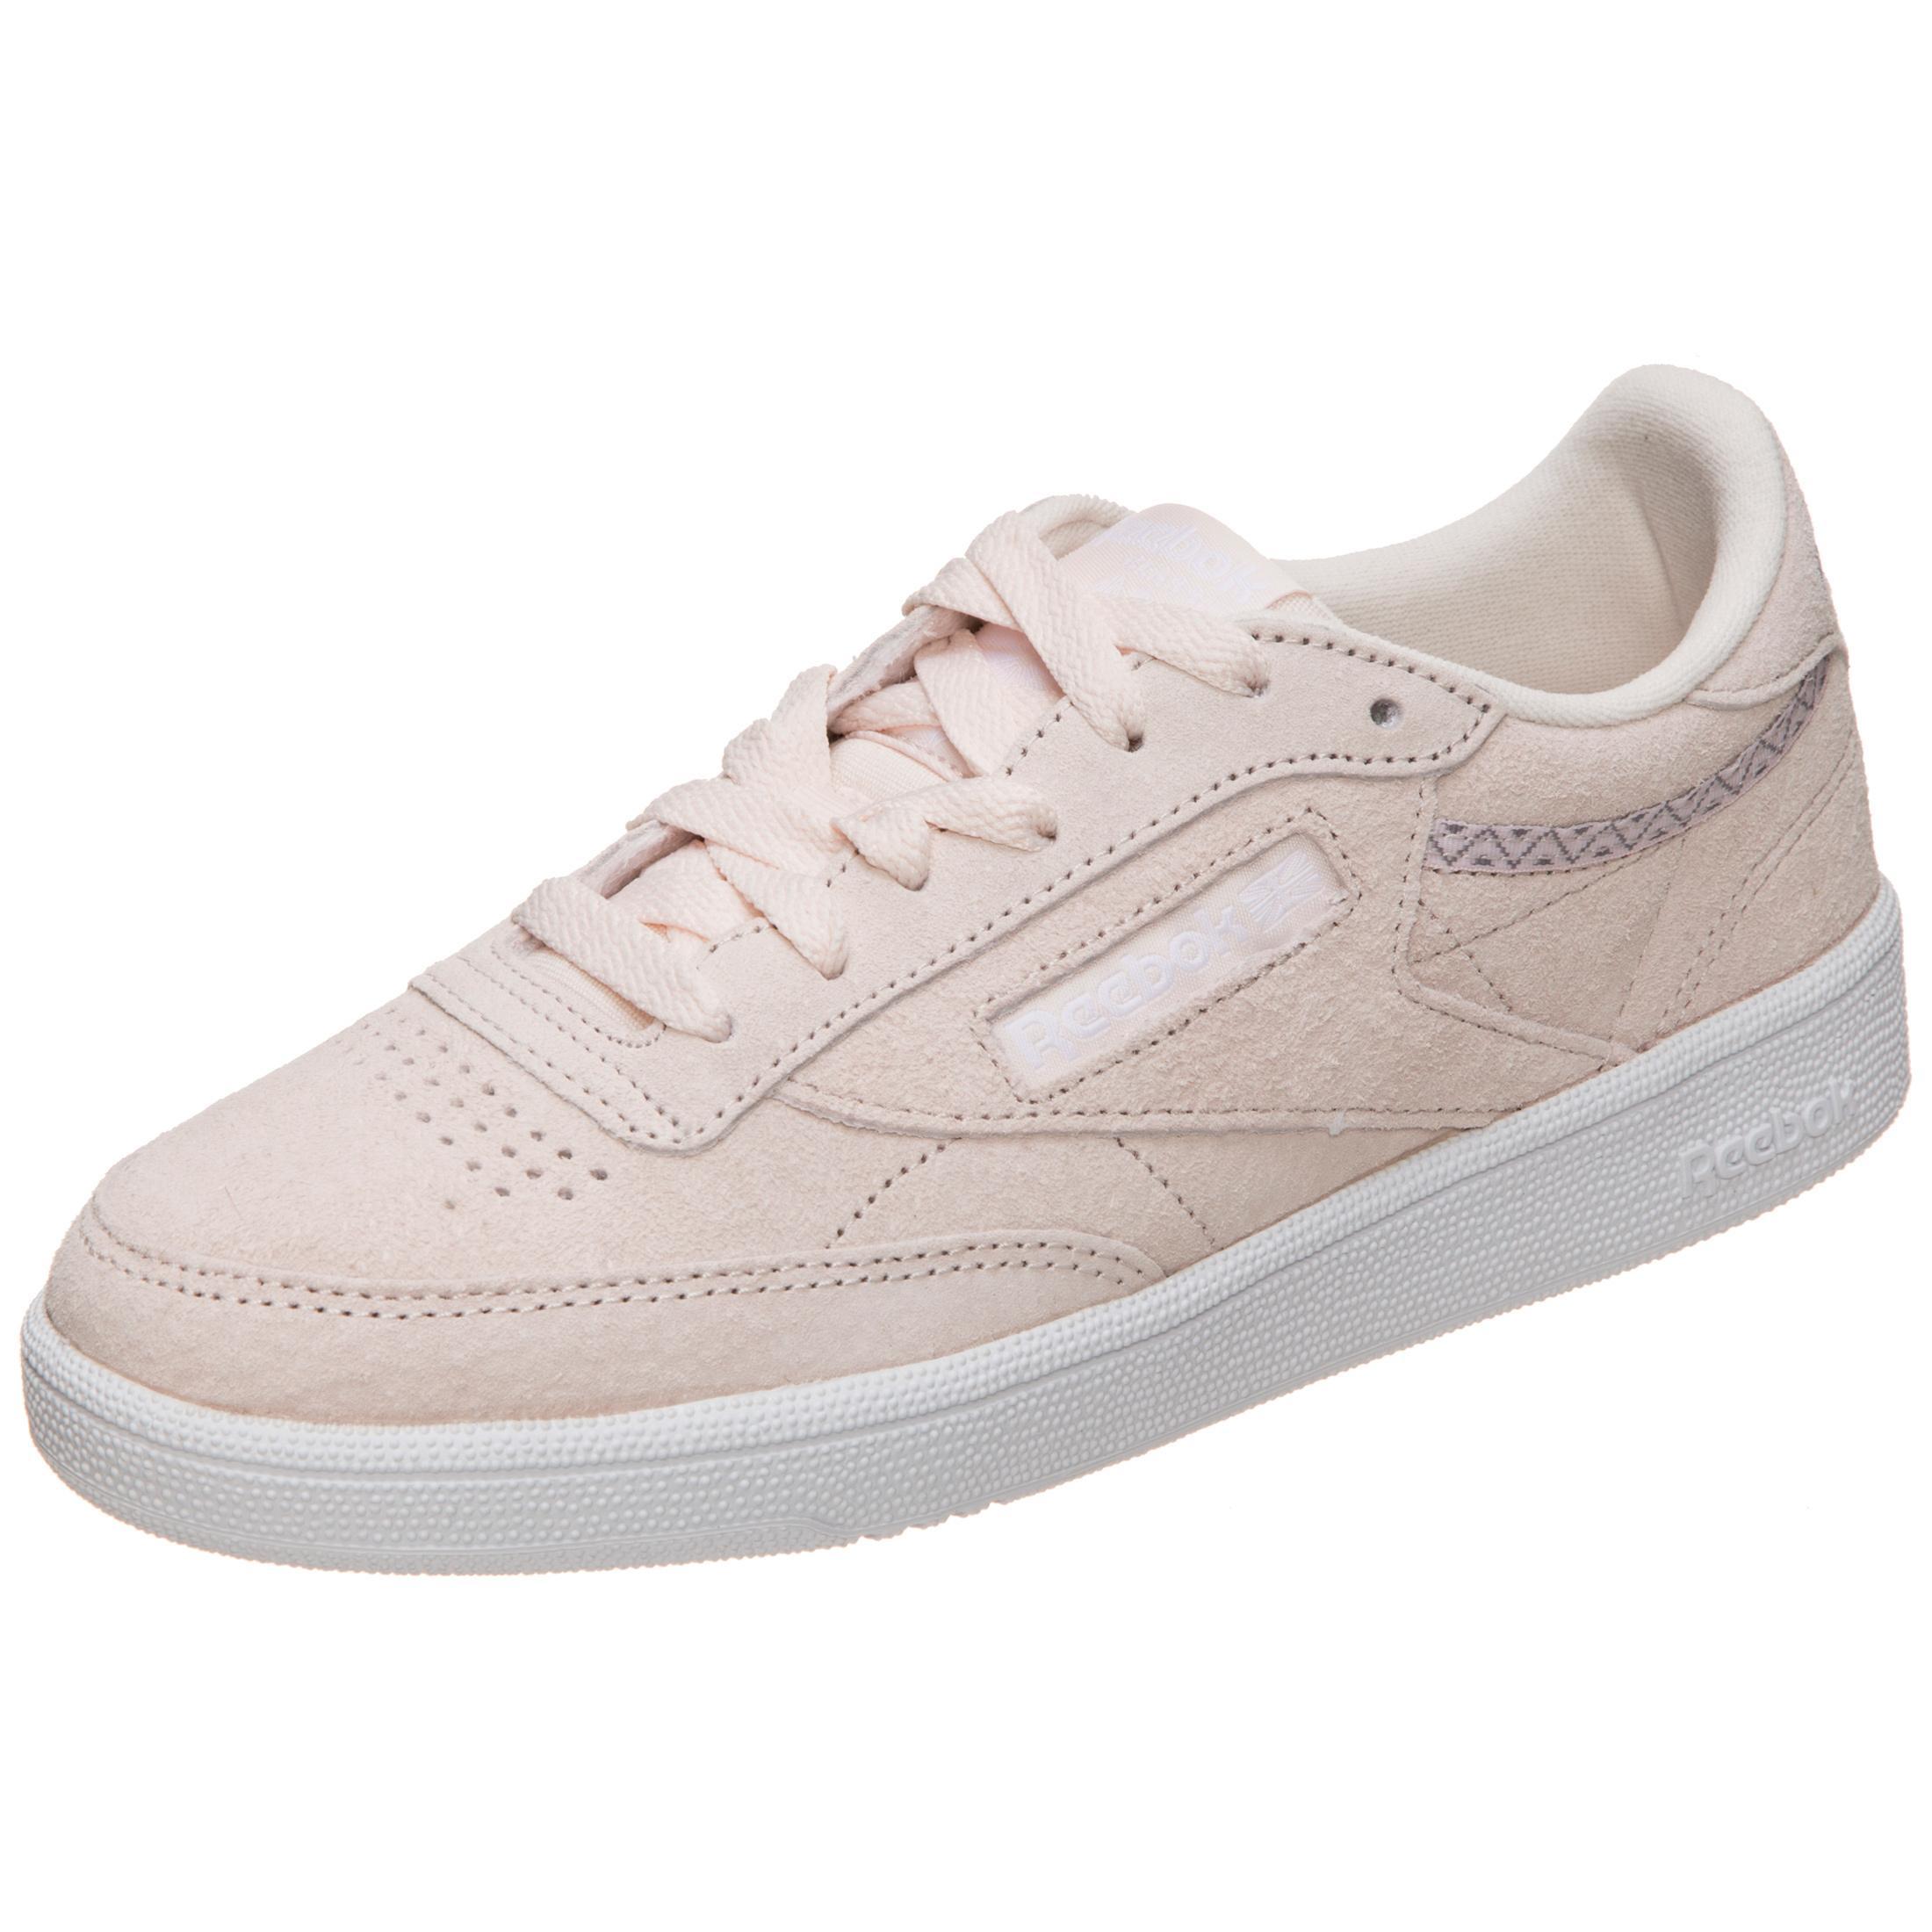 Reebok Sneaker für Damen im SALE   Spare online mit ZALANDO